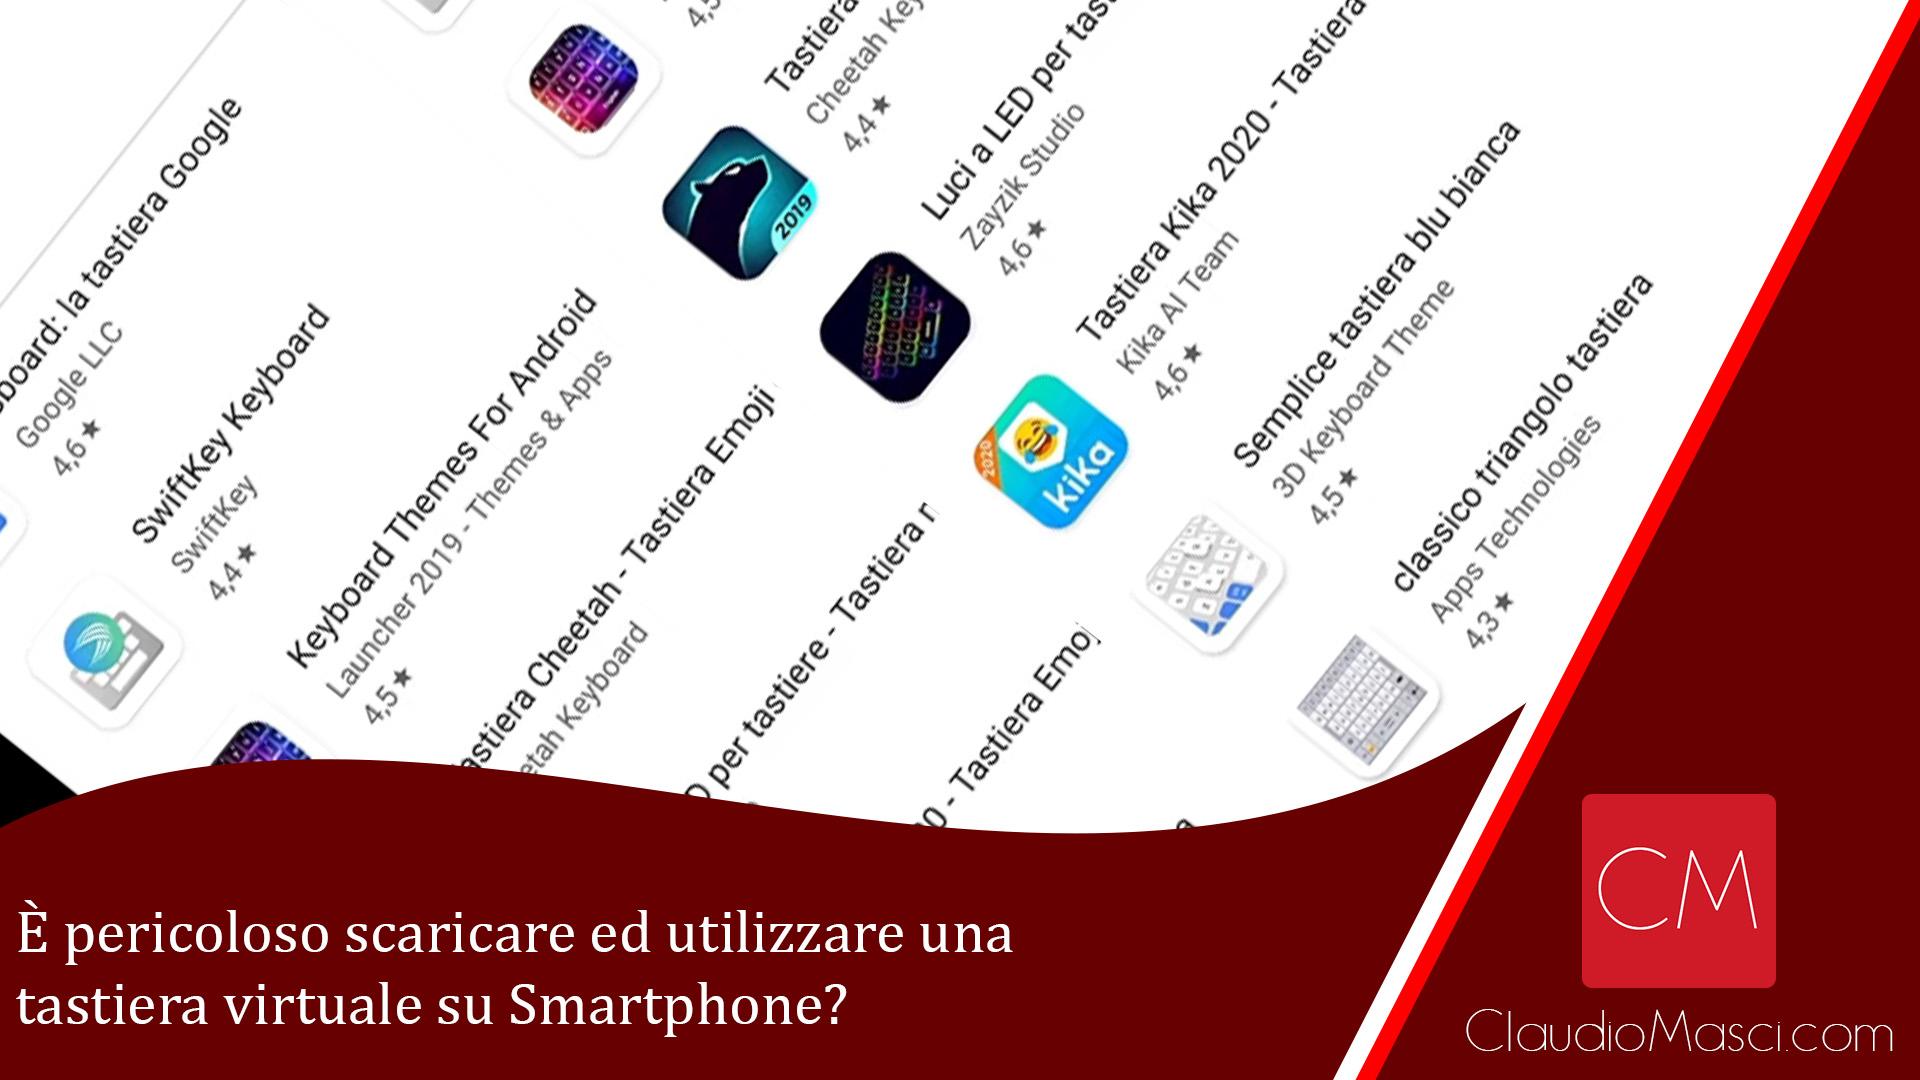 È pericoloso scaricare ed utilizzare una tastiera virtuale su Smartphone?